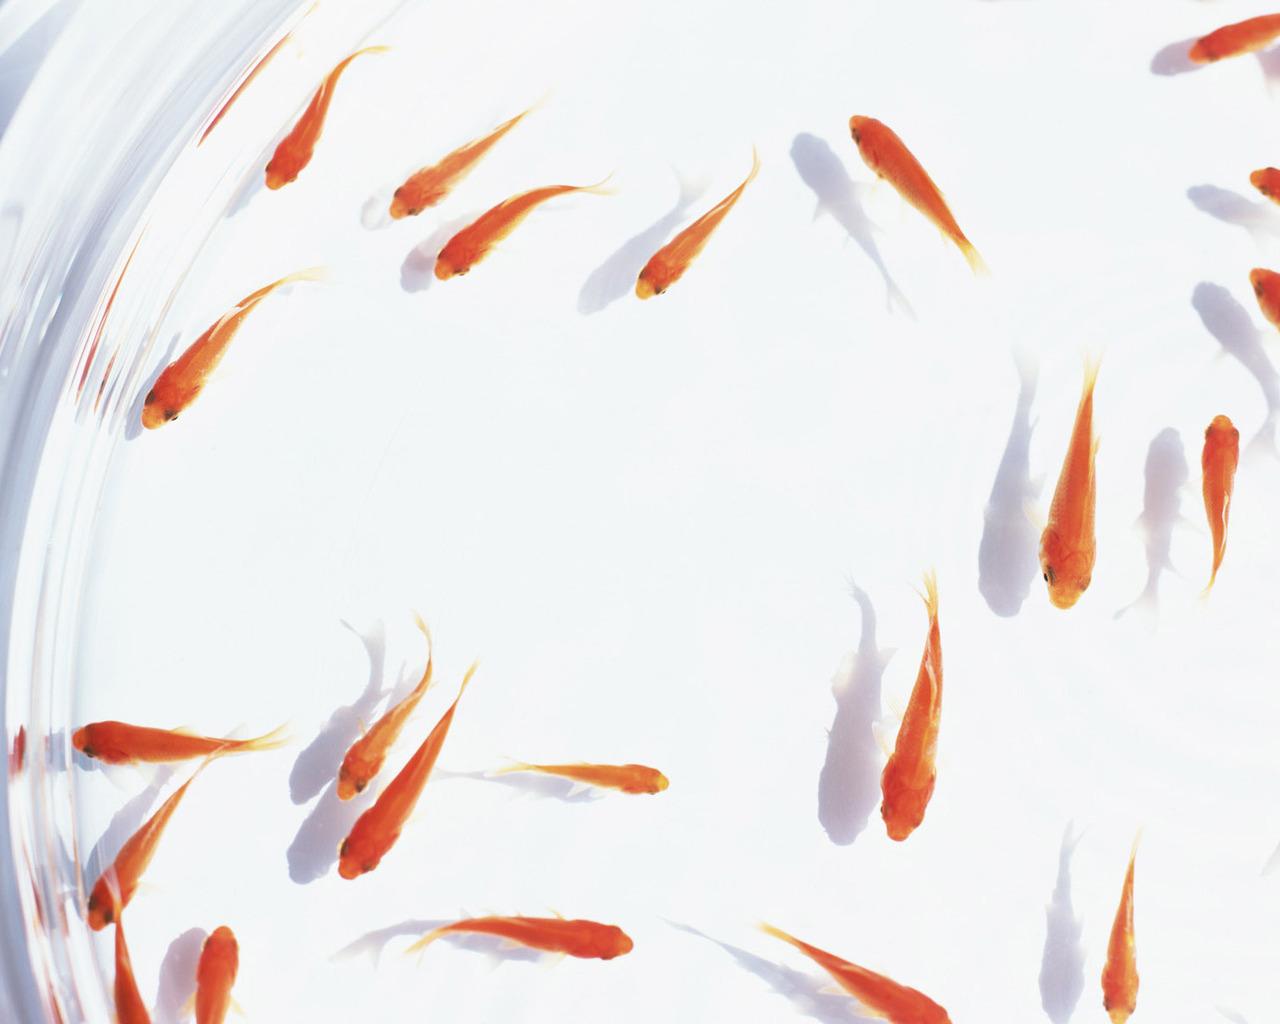 Скачать плавающие рыбки обои для рабочего стола 4